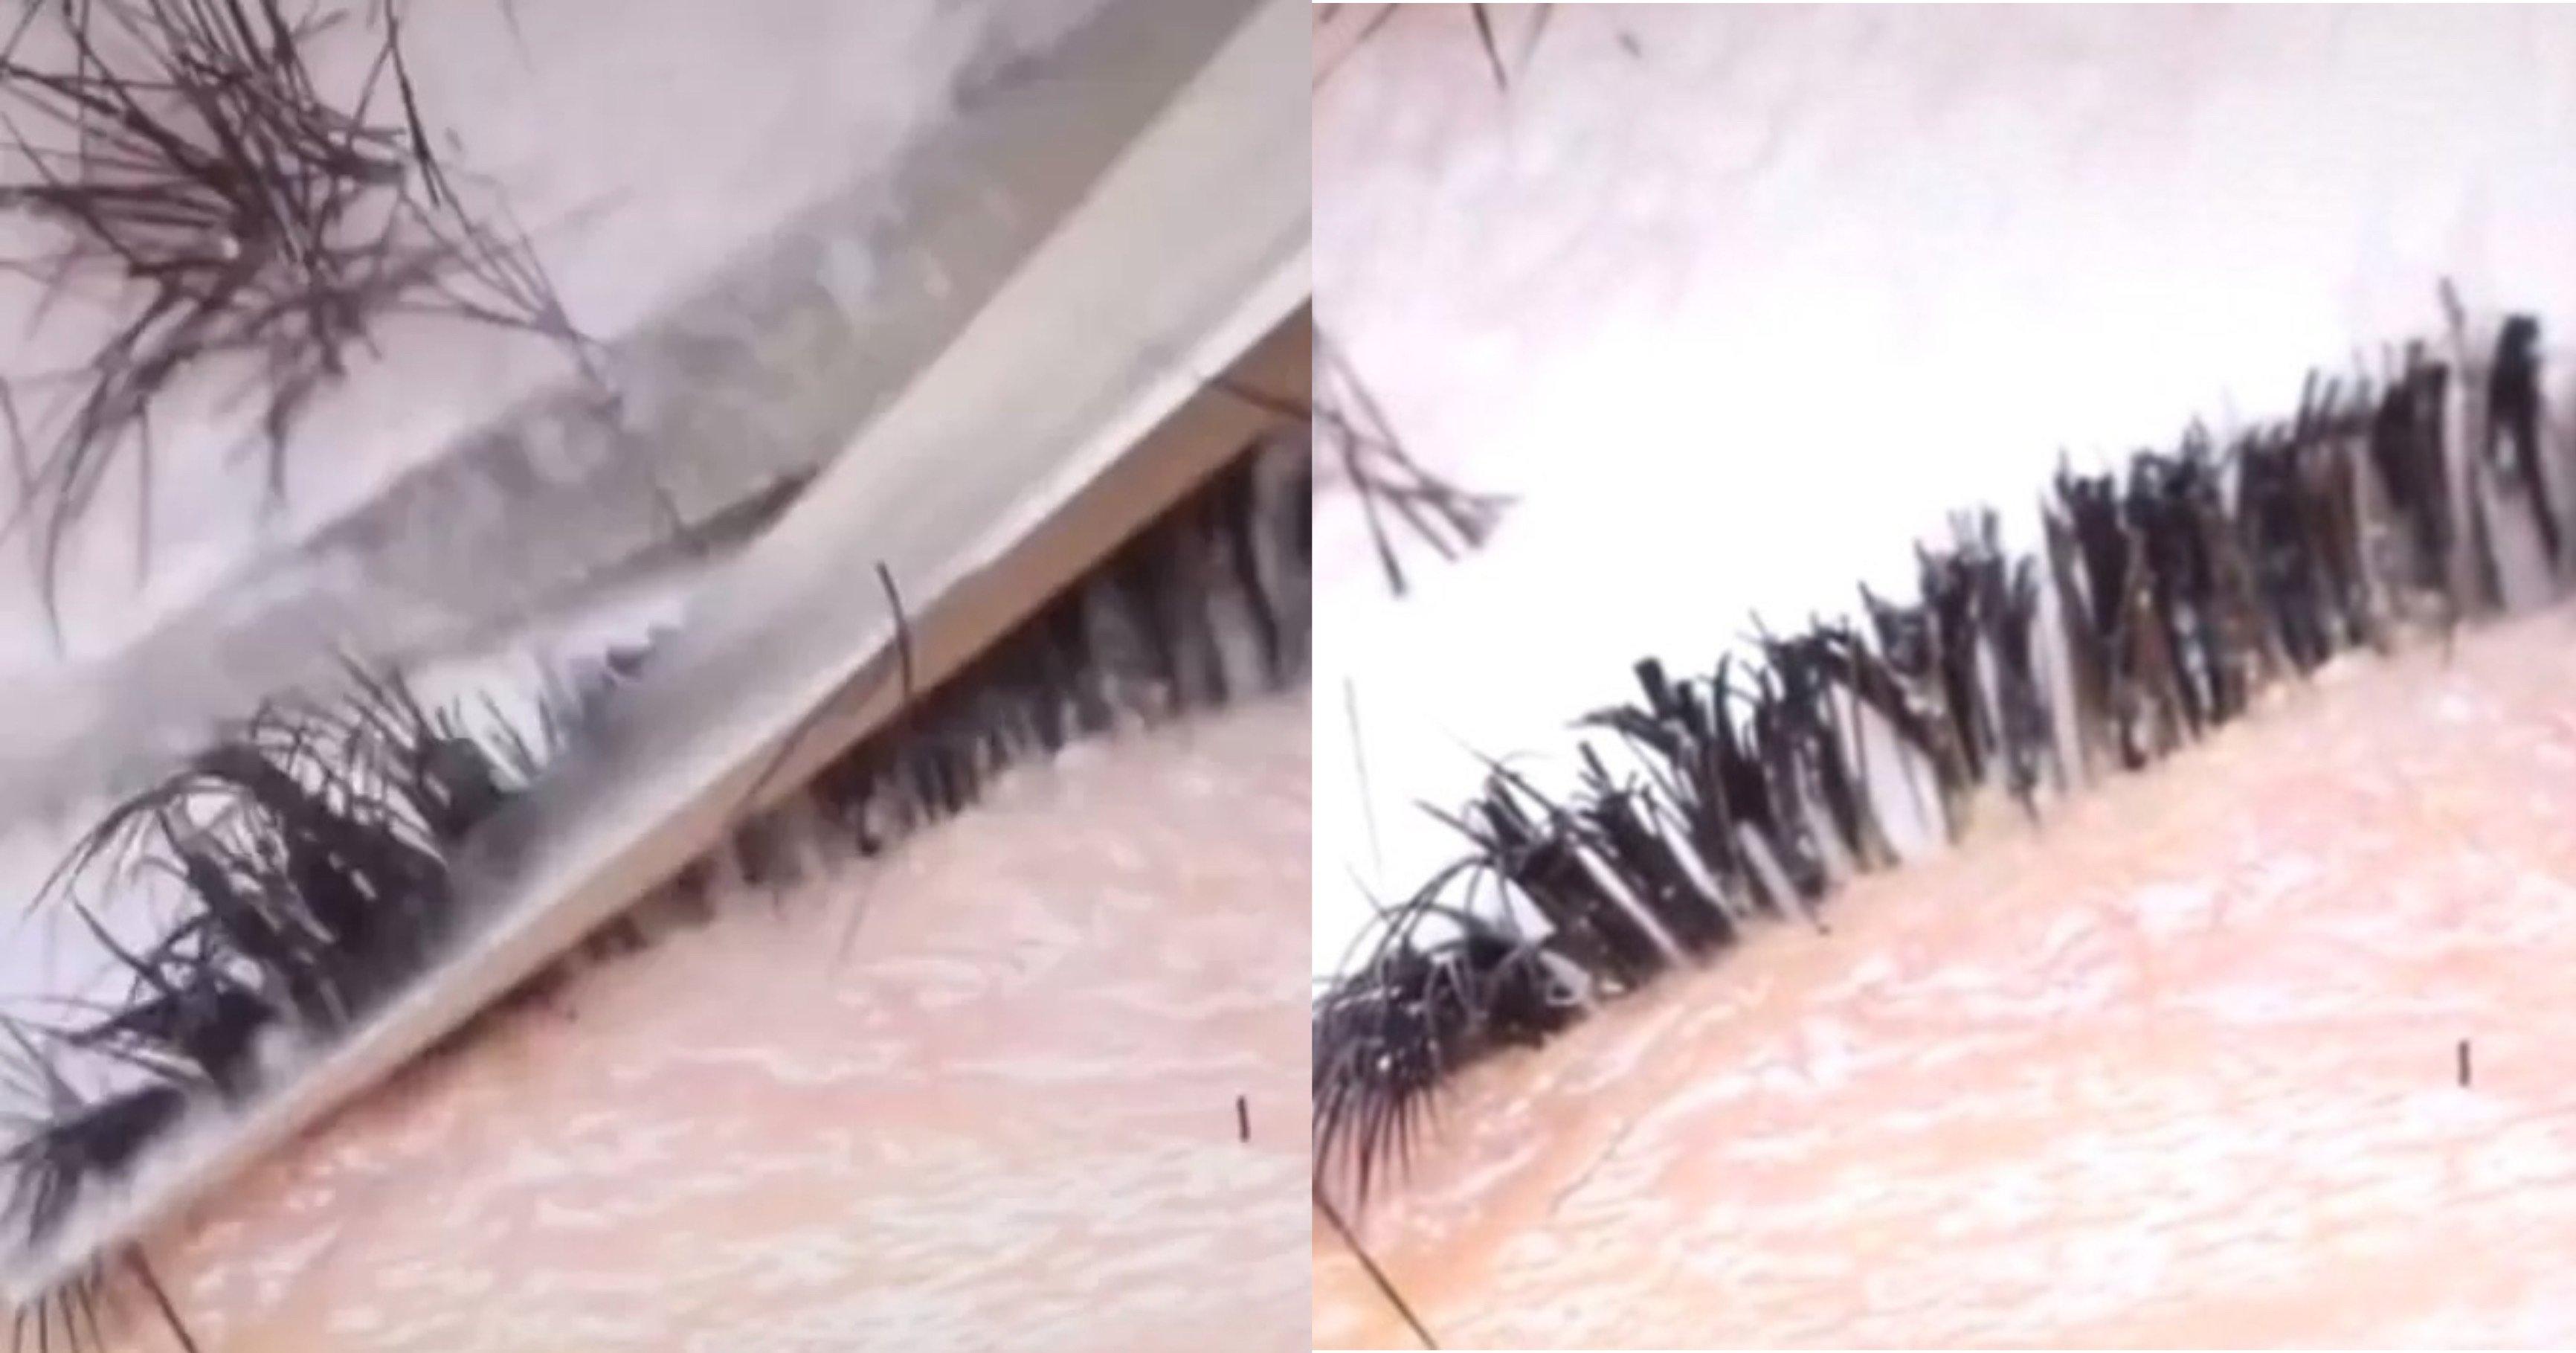 af2e23ac 2308 4b56 be95 b4ae4a58f2b6.jpeg?resize=412,275 - 「まつエク」施術後、お客さんが代金支払えないと言うと、容赦なくまつ毛を切ってしまうスタッフ